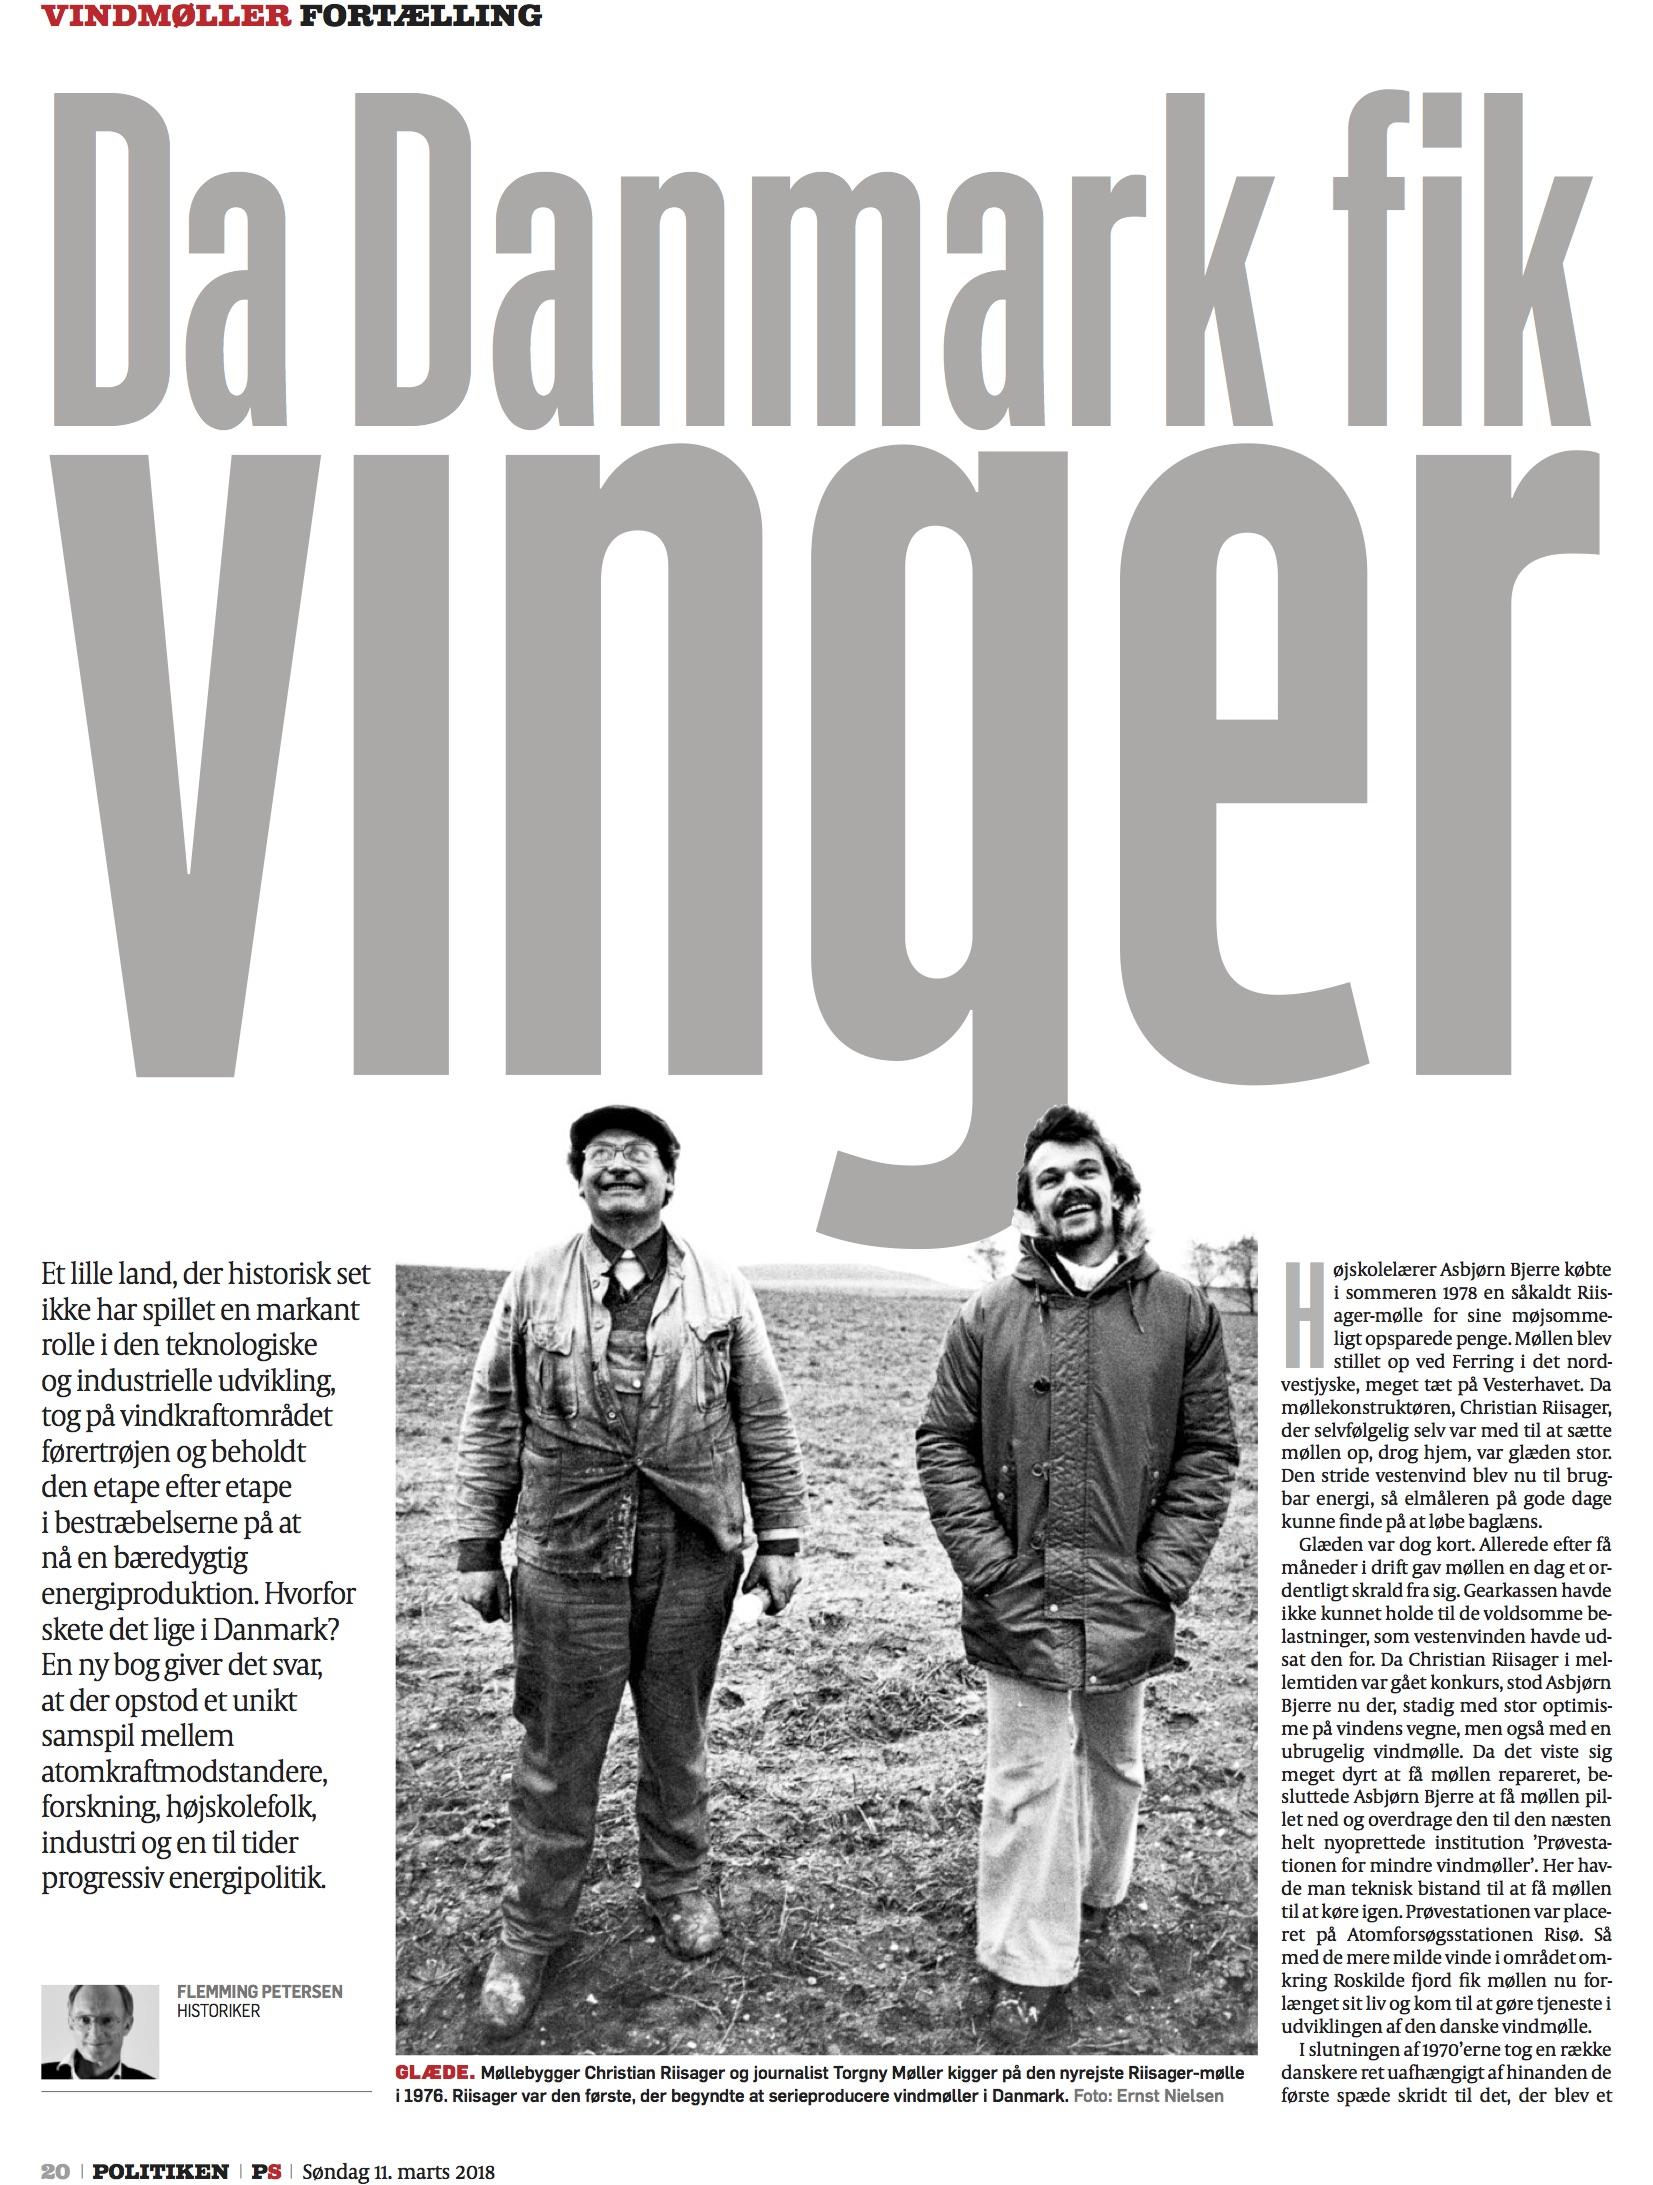 Da Danmark fik vindmøller - Politikken 10.marts.jpg